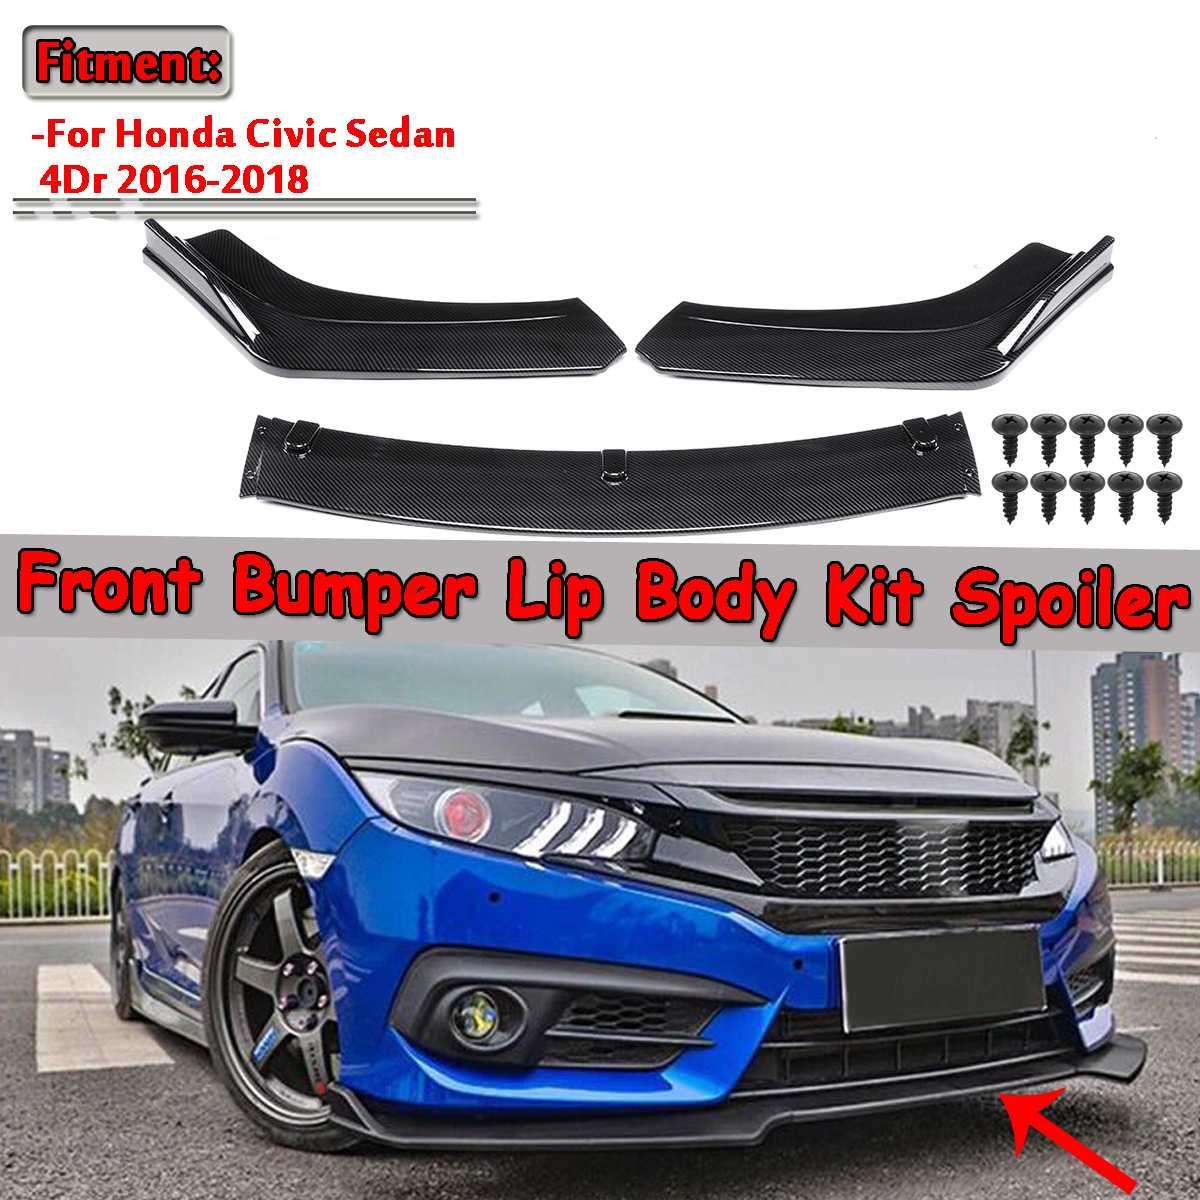 3 ชิ้นคาร์บอนไฟเบอร์/สีดำรถกันชนหน้าต่ำ Diffuser สปอยเลอร์ Body Kit สำหรับ Honda Civic ซีดาน 4Dr 2016 2017 2018